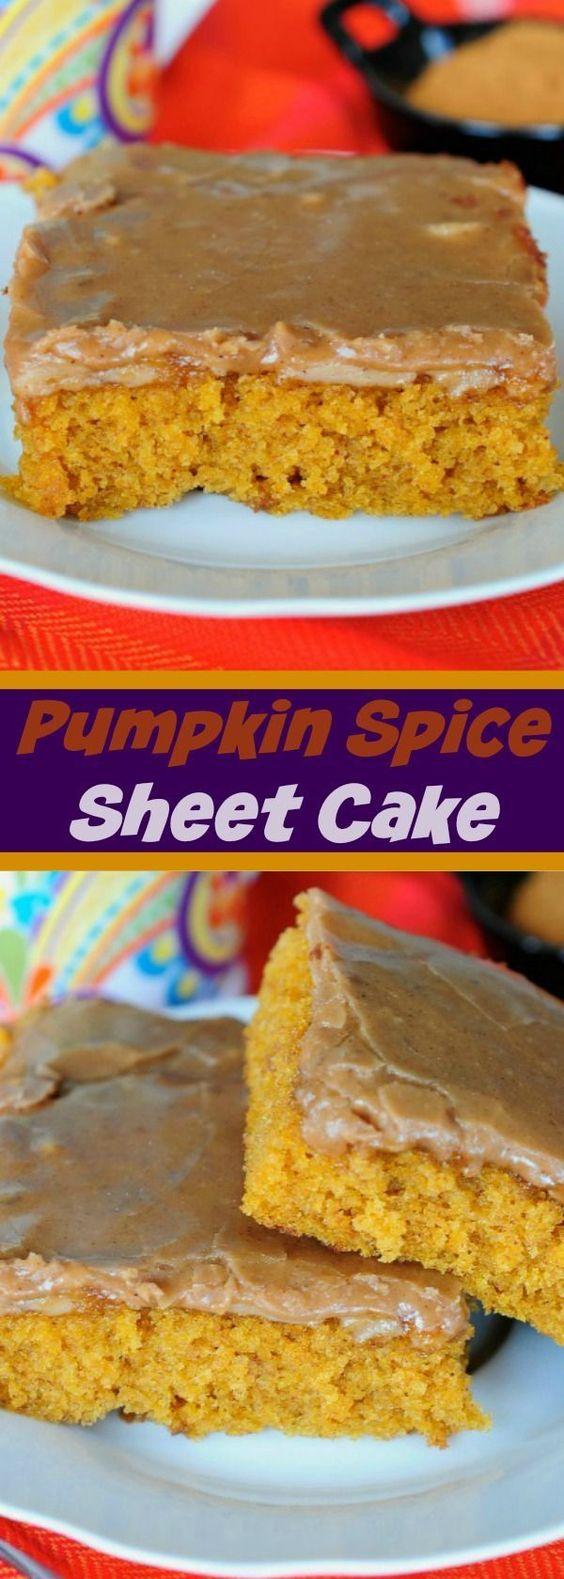 Pumpkin Spice Sheet Cake - An absolute MUST MAKE fall dessert recipe!